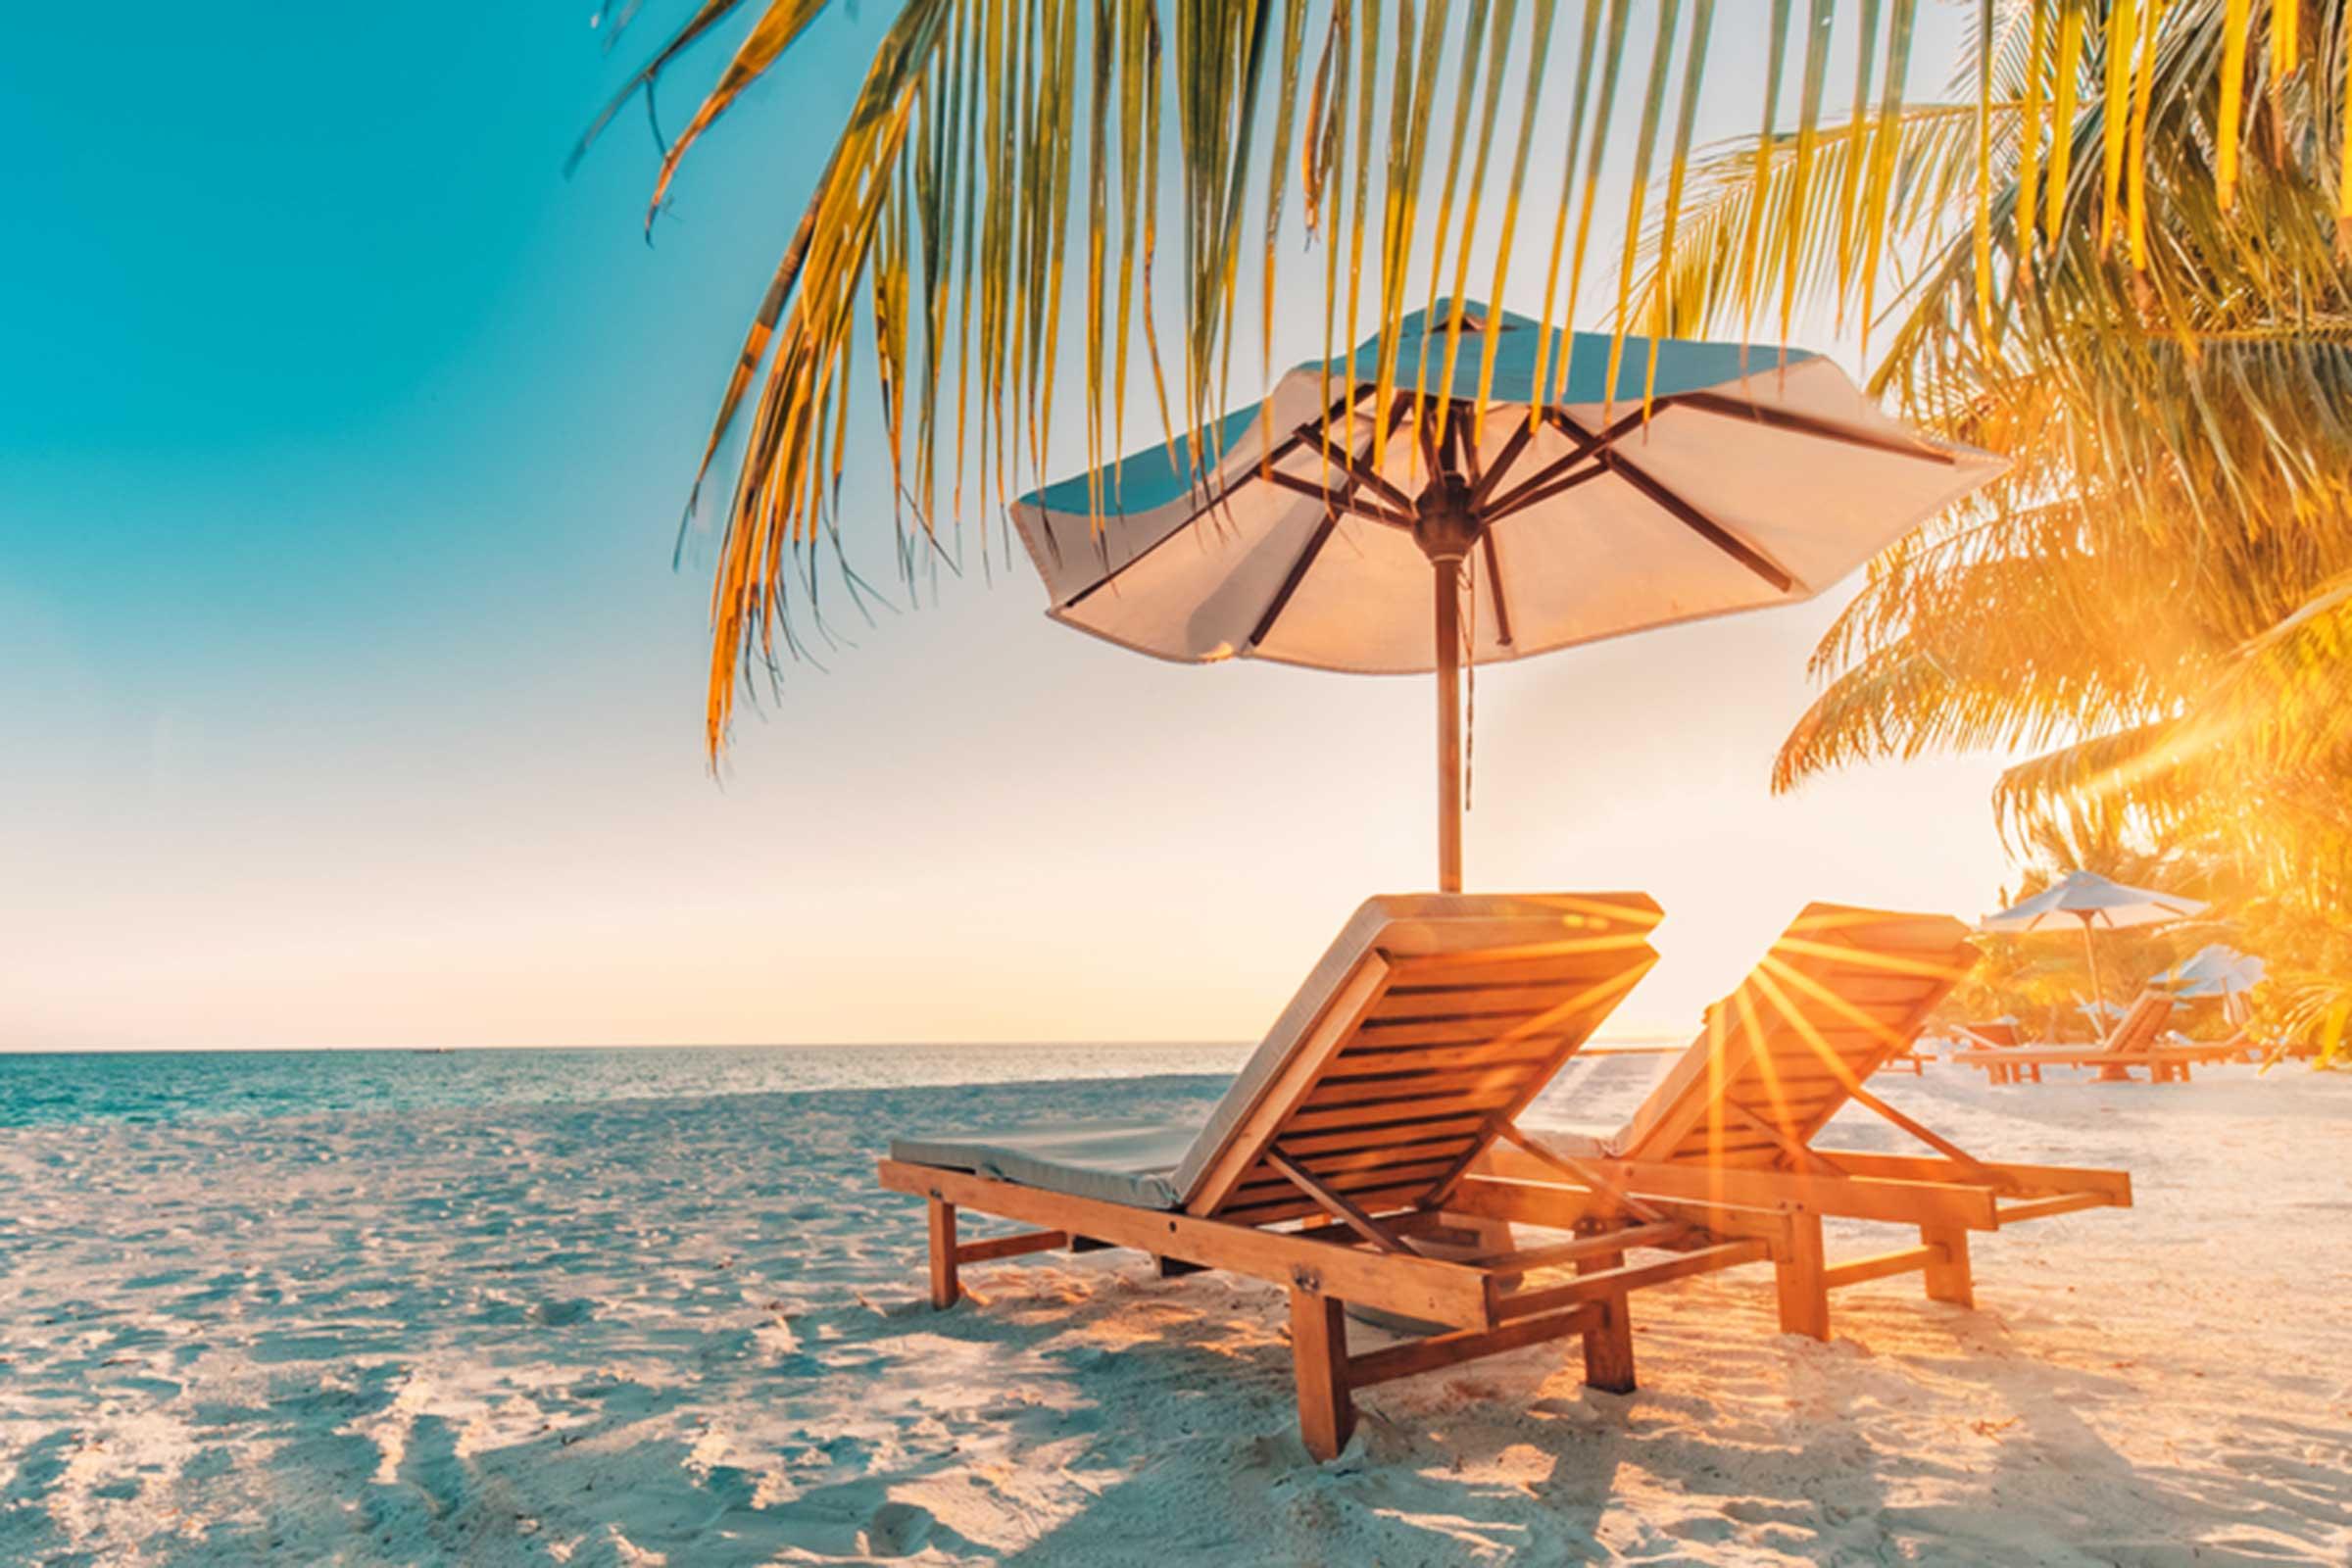 Mùa hè đến nắng vàng trên bãi biển